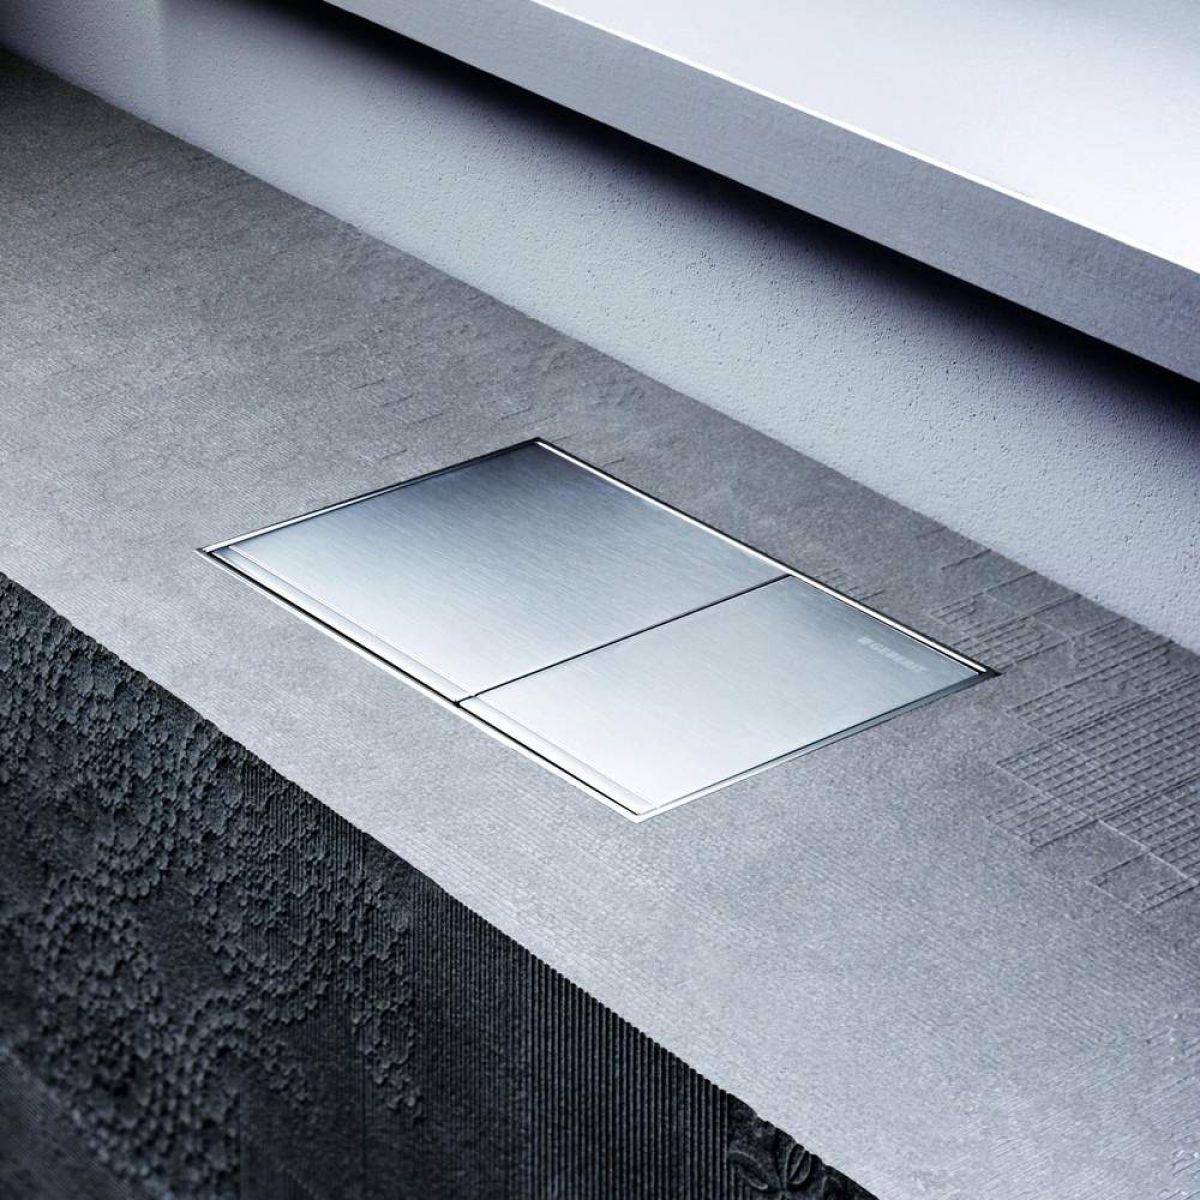 geberit omega60 dual flush plate uk bathrooms. Black Bedroom Furniture Sets. Home Design Ideas